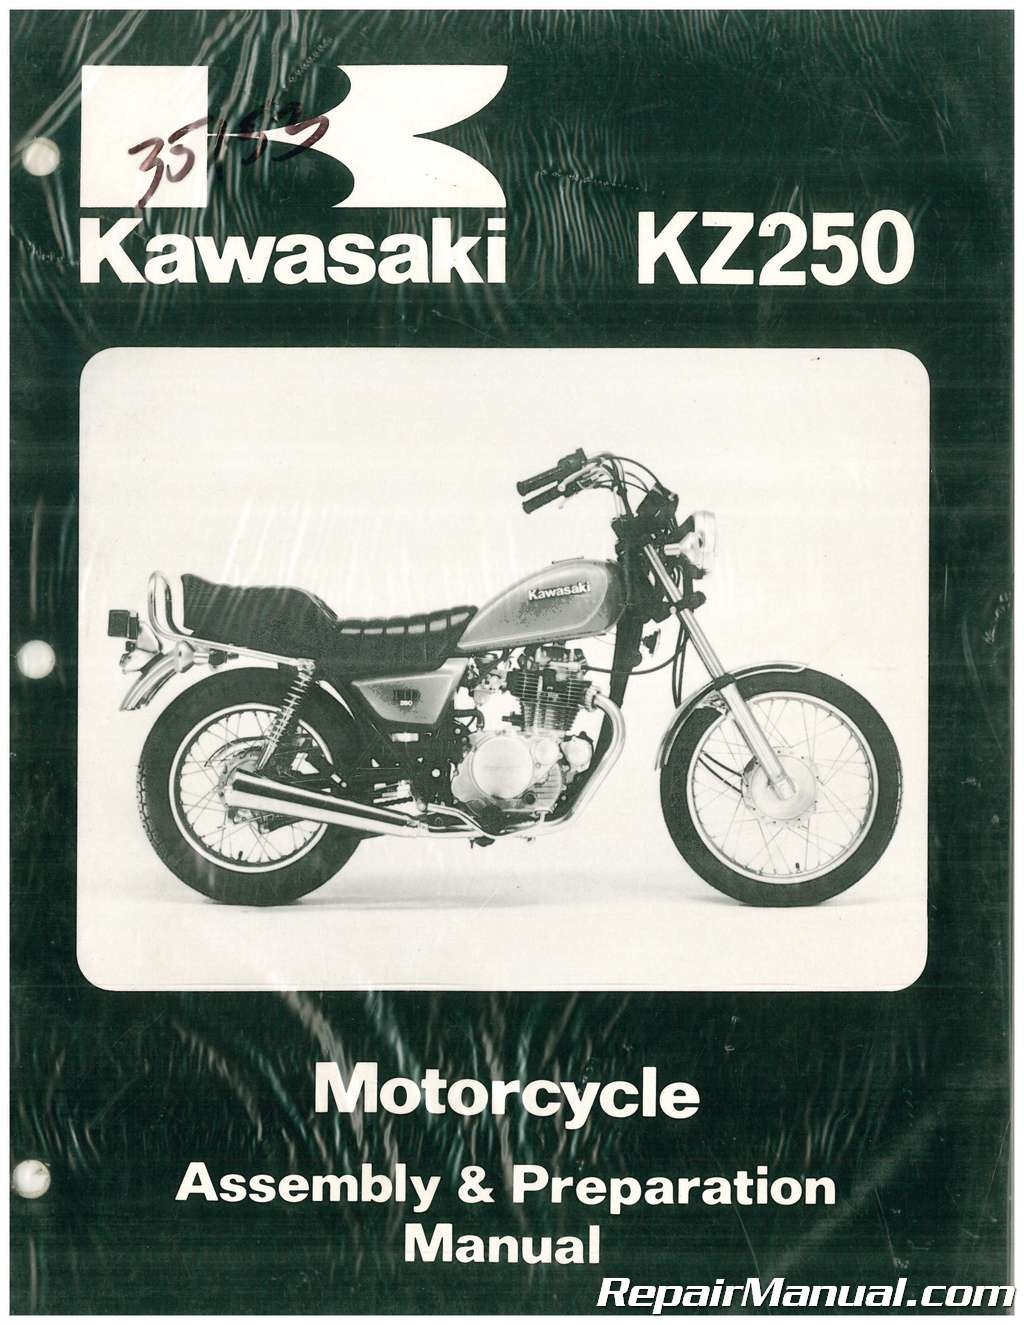 1980 Kawasaki KZ250 D1 Motorcycle Assembly Preparation Manual